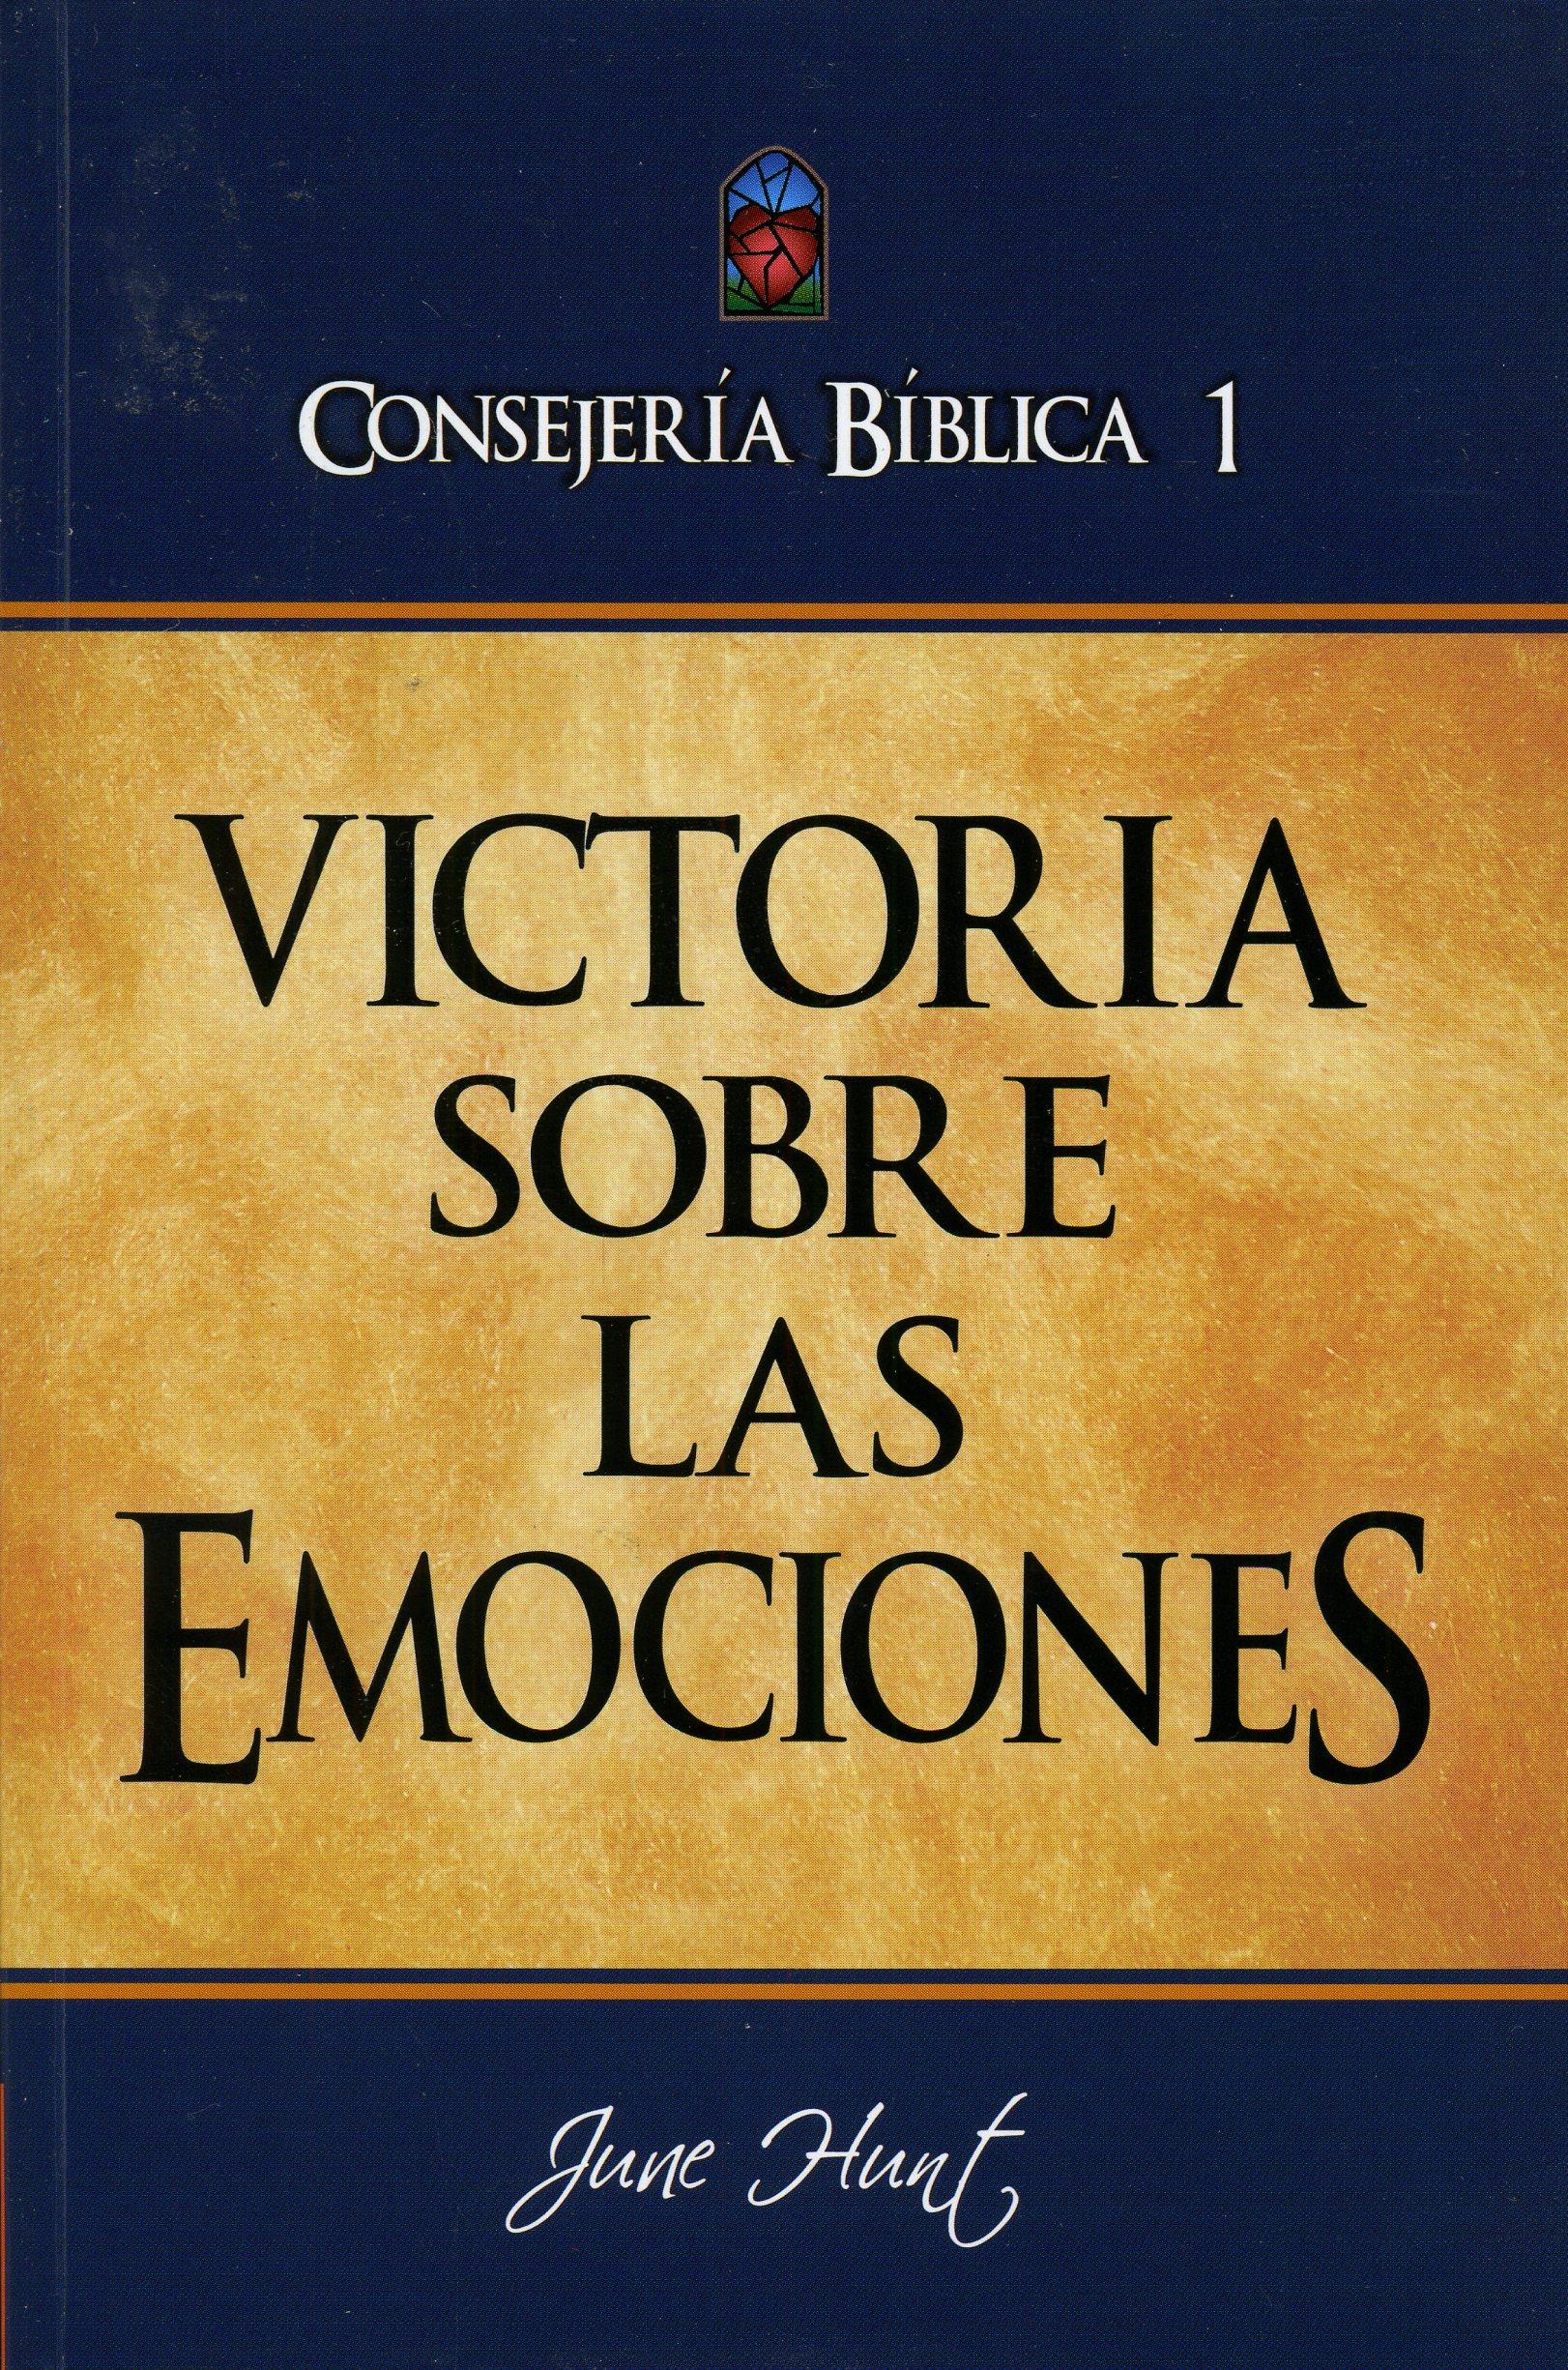 Consejería Bíblica 1 - Victoria sobre las emociones